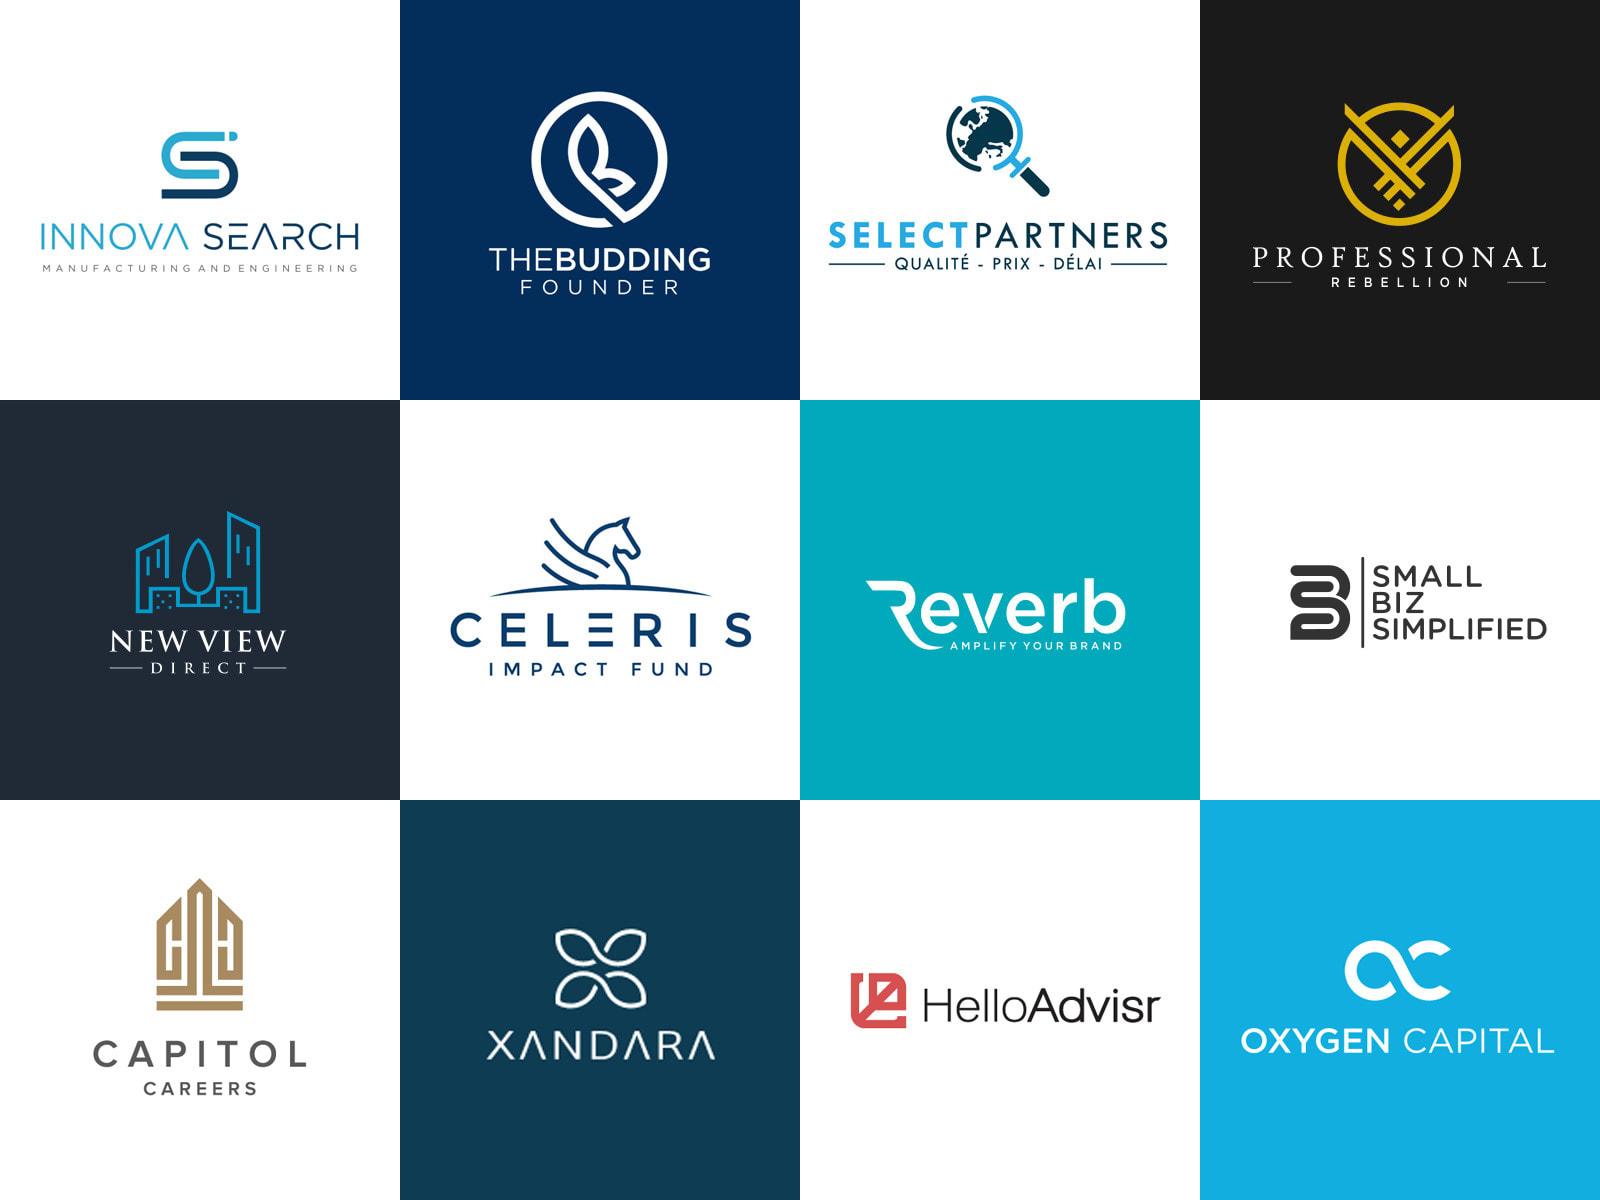 brainstorm unique business name, brand name with logo design